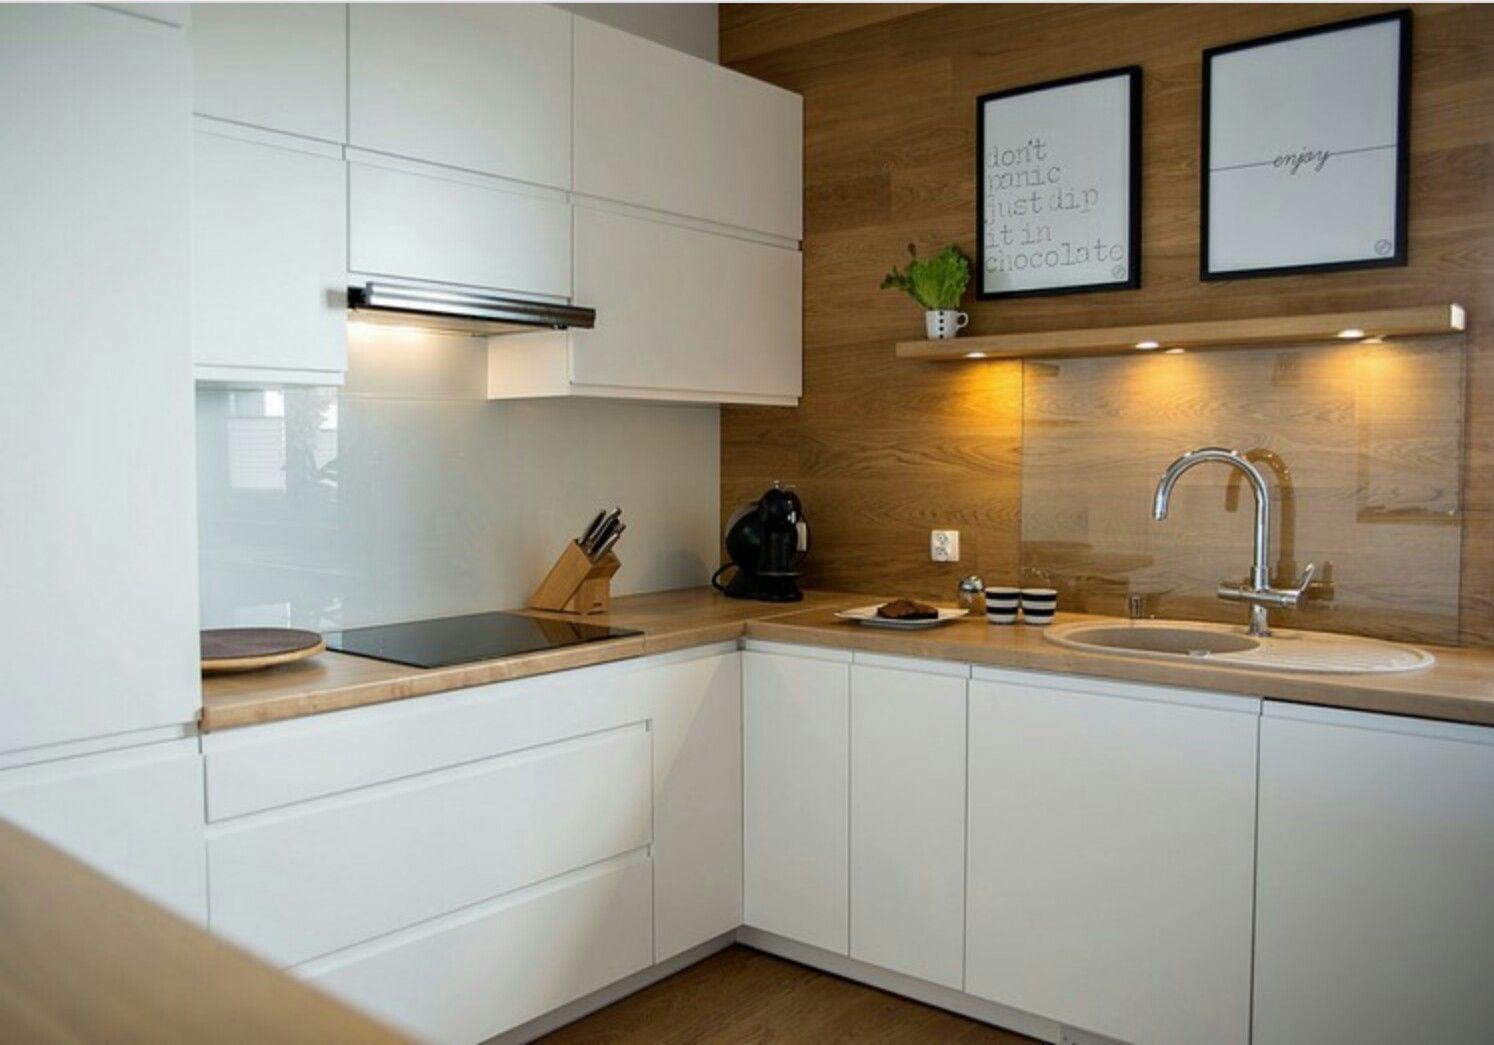 lichtleiste ber kochfeld k che k che moderne k che und arbeitsplatte. Black Bedroom Furniture Sets. Home Design Ideas